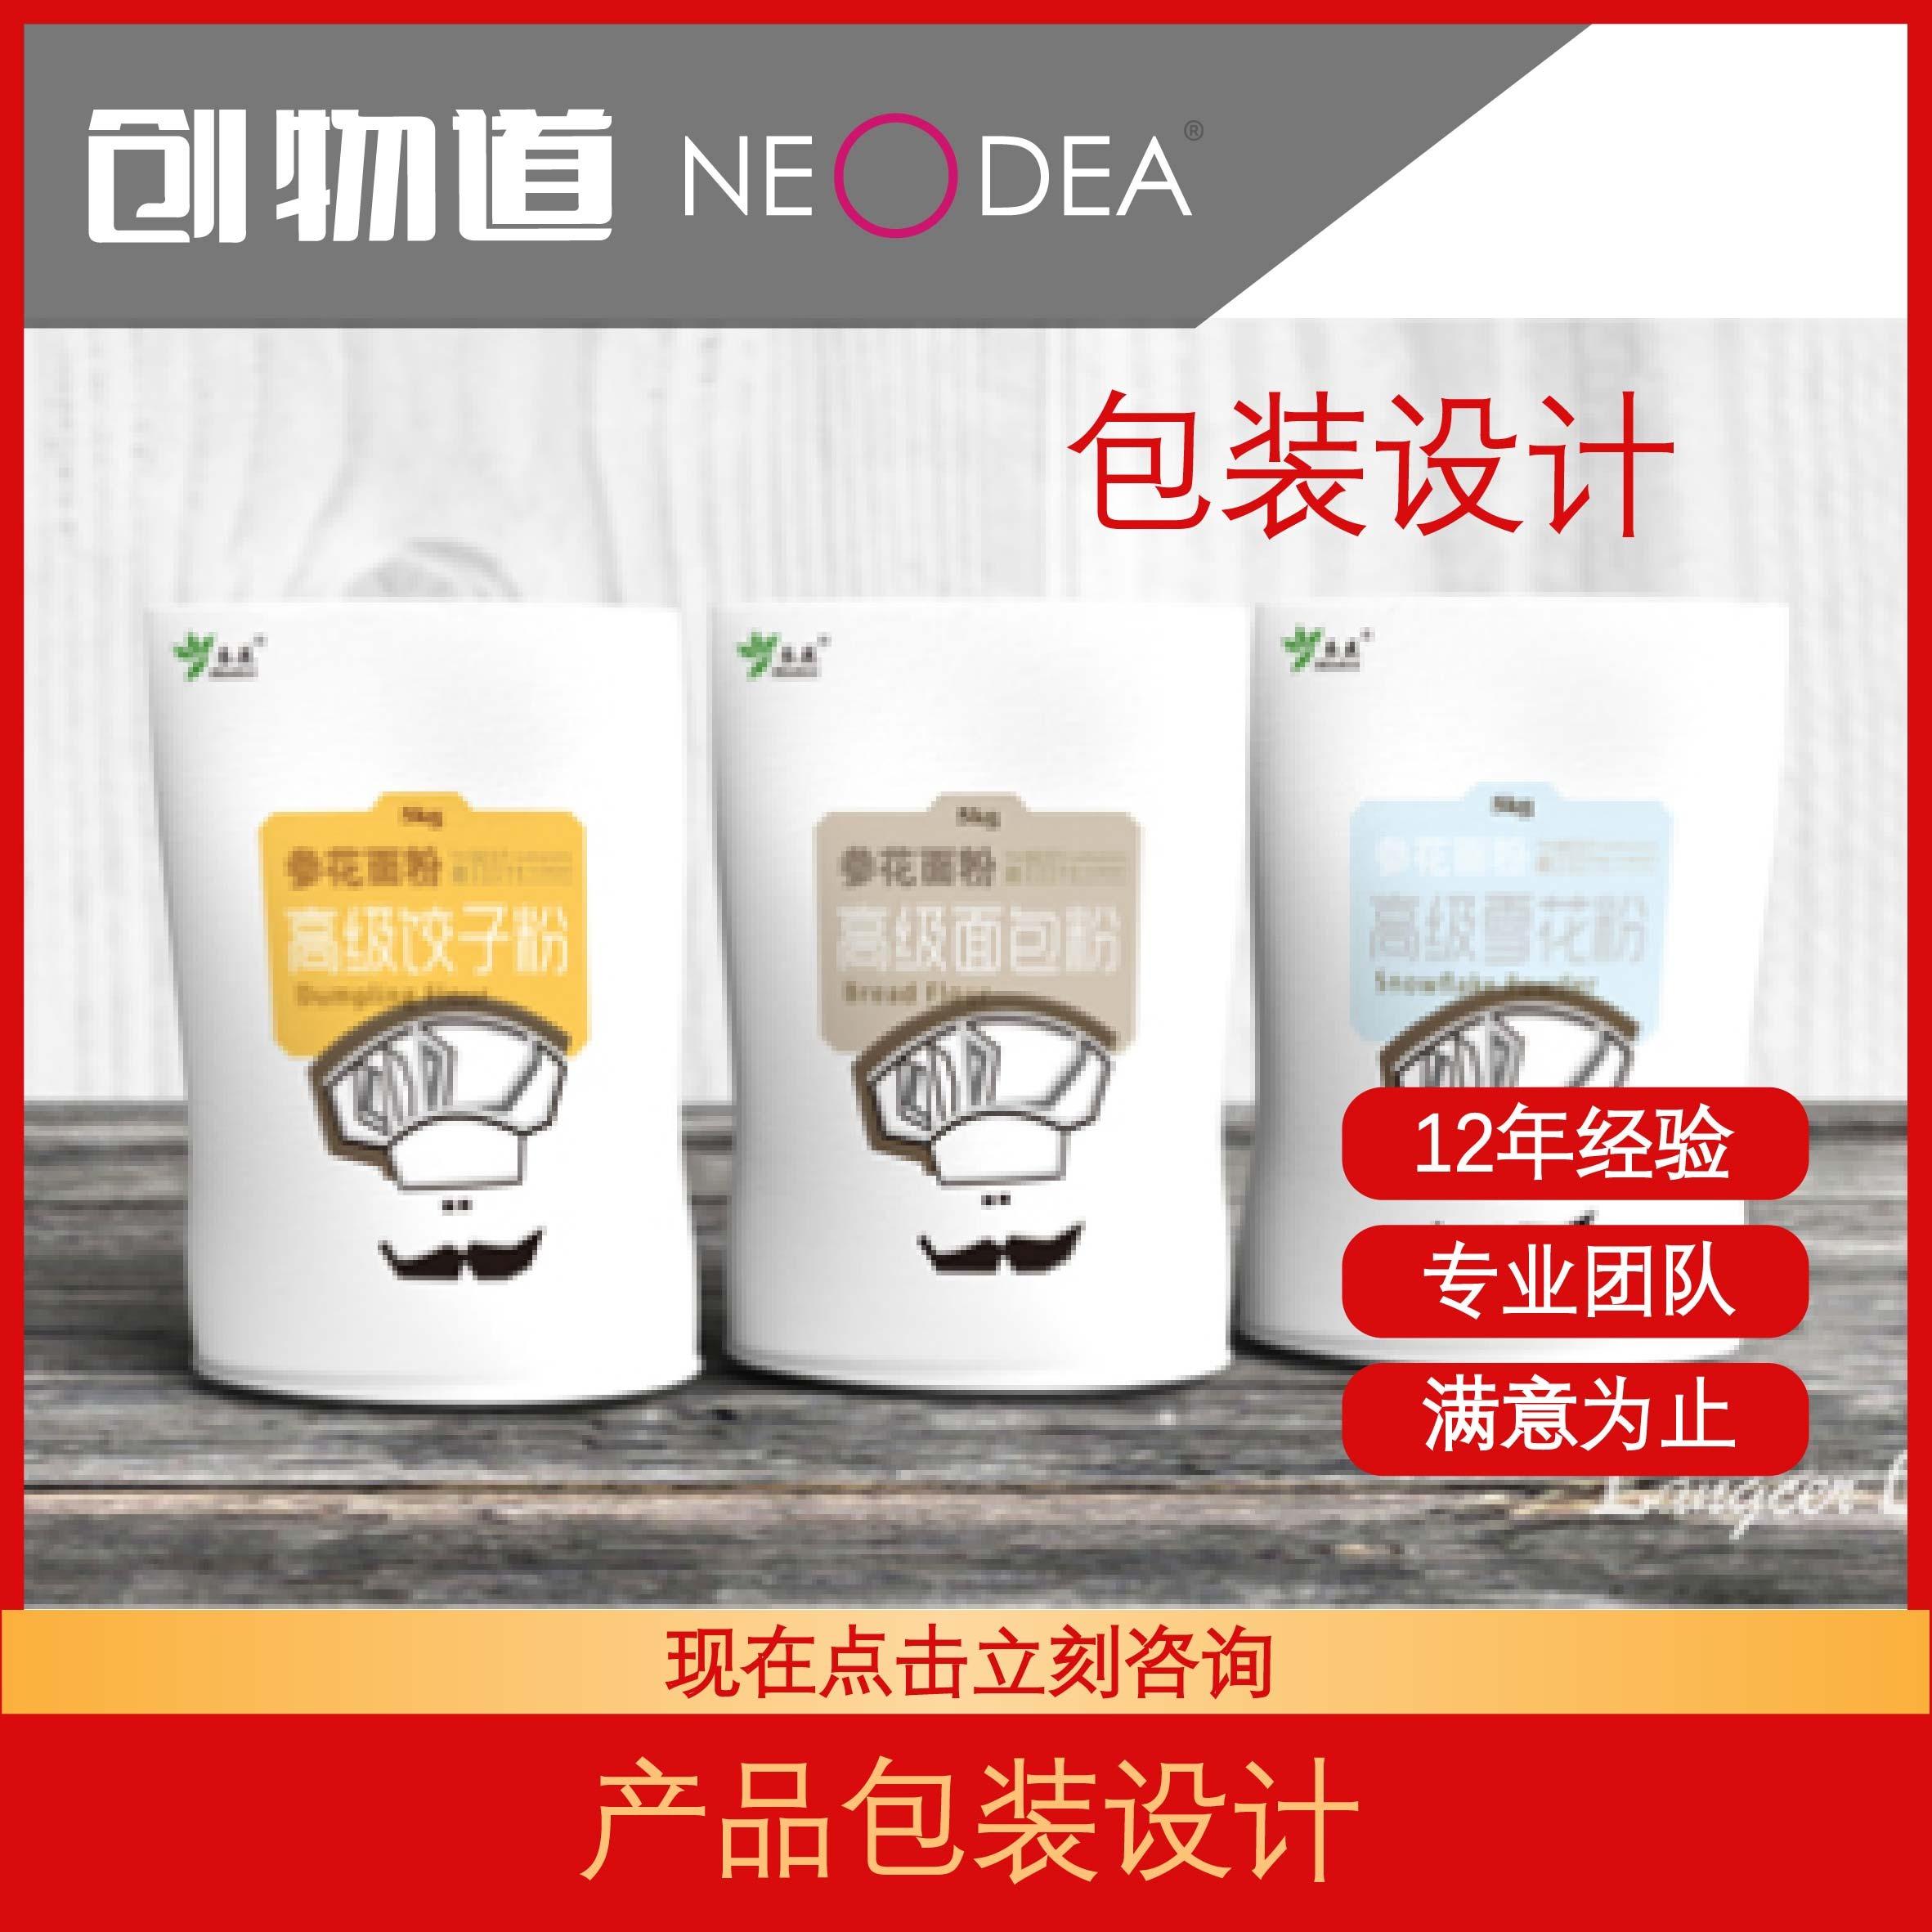 平面设计产品包装设计logo设计日常用品品牌形象